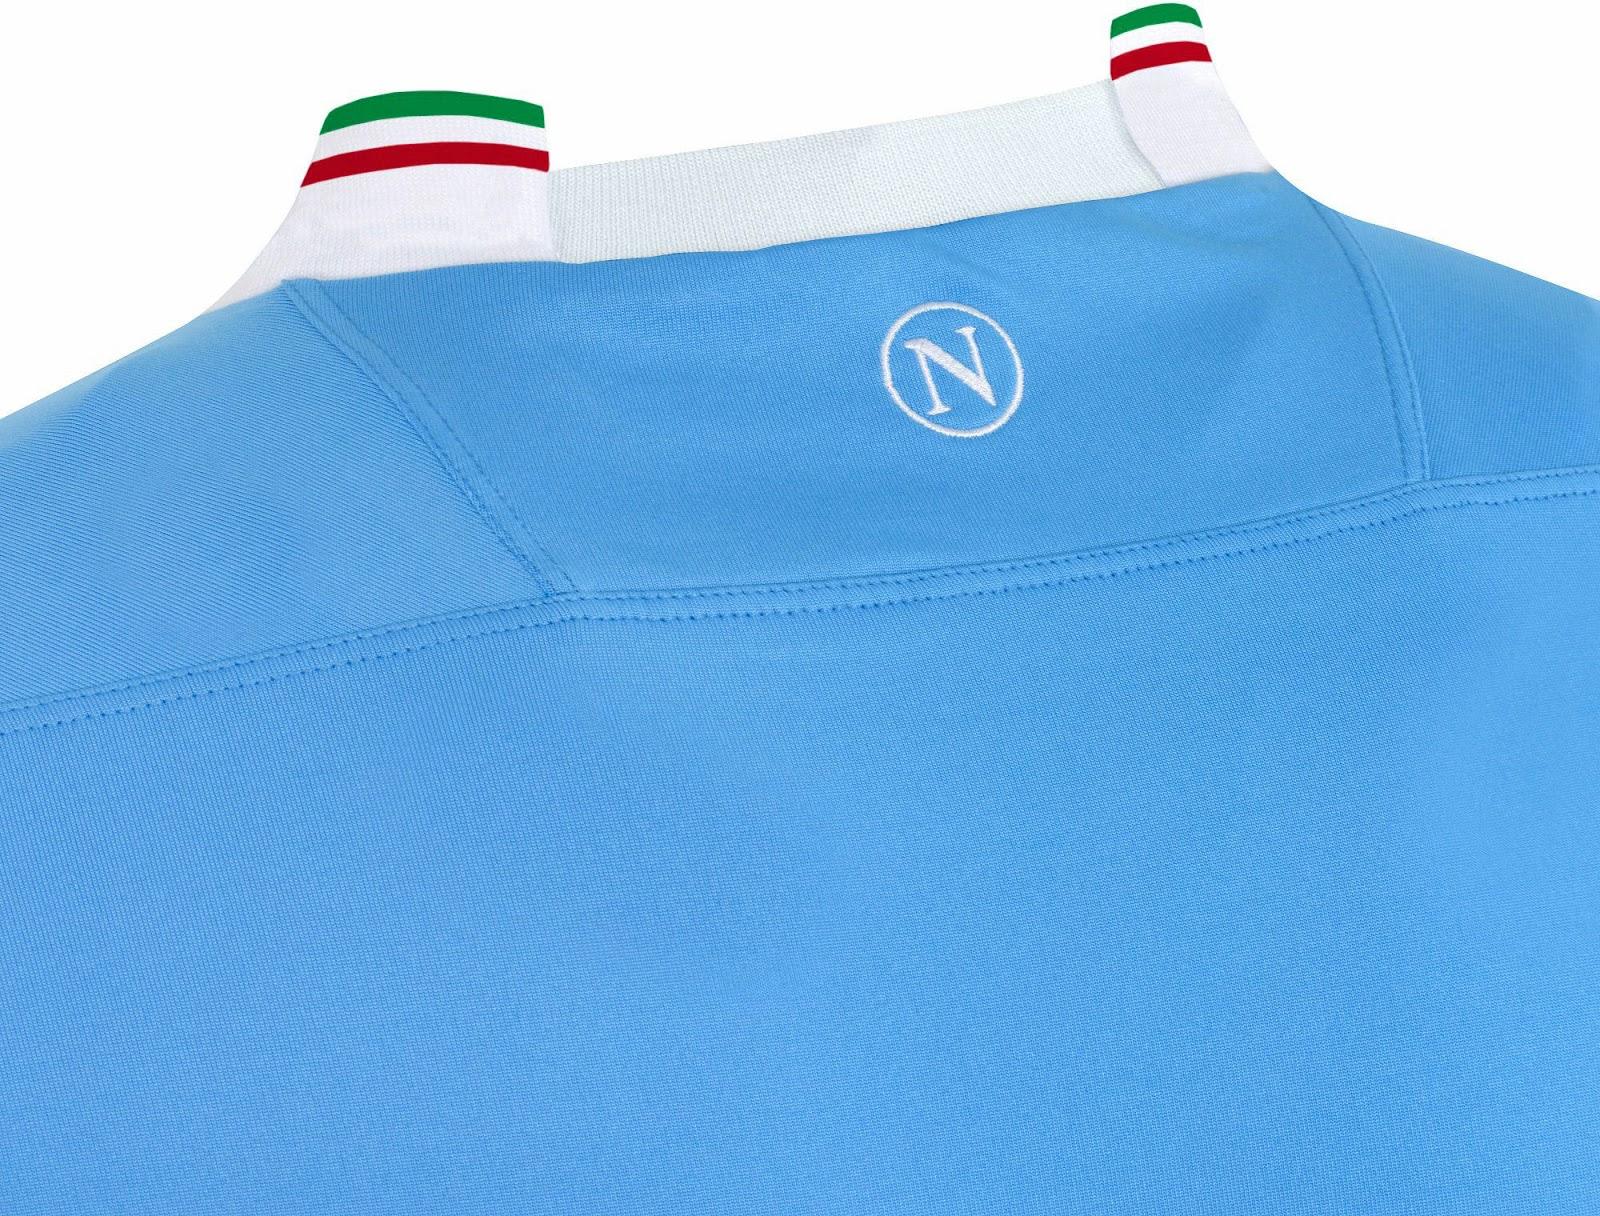 SSC Napoli 2014 Coppa Italia Home Kit (8)